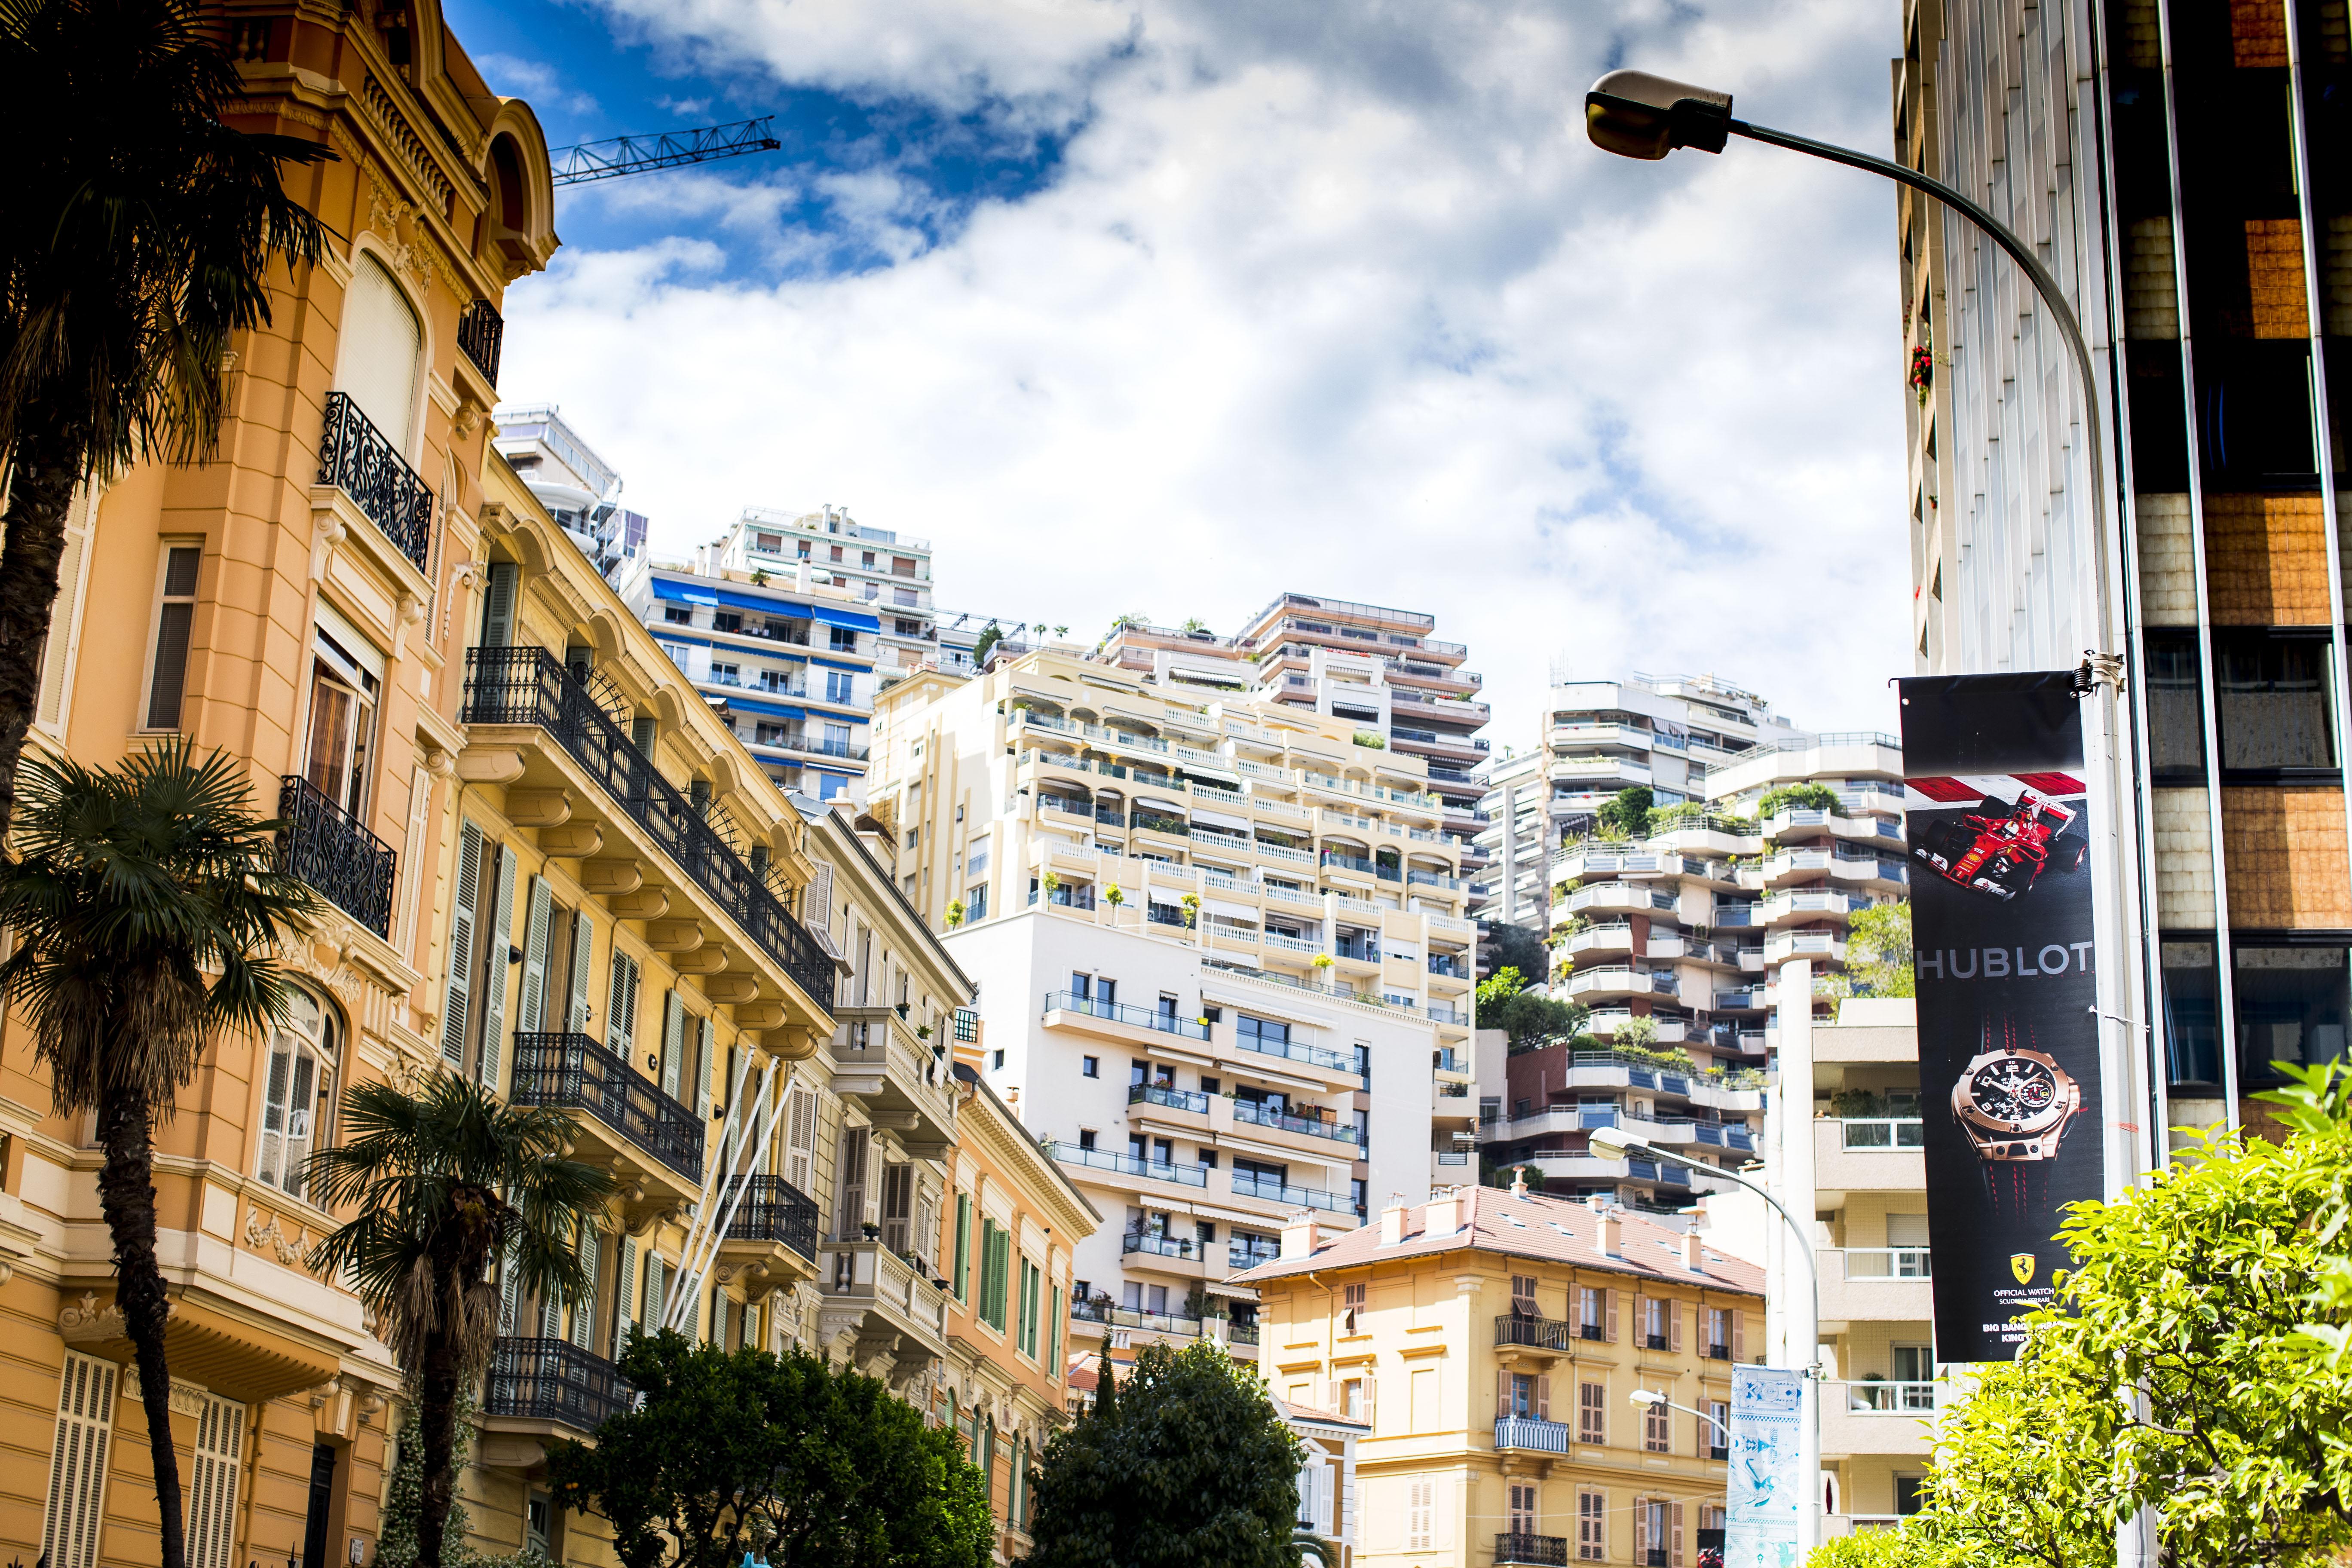 Hublot's presence in Monaco